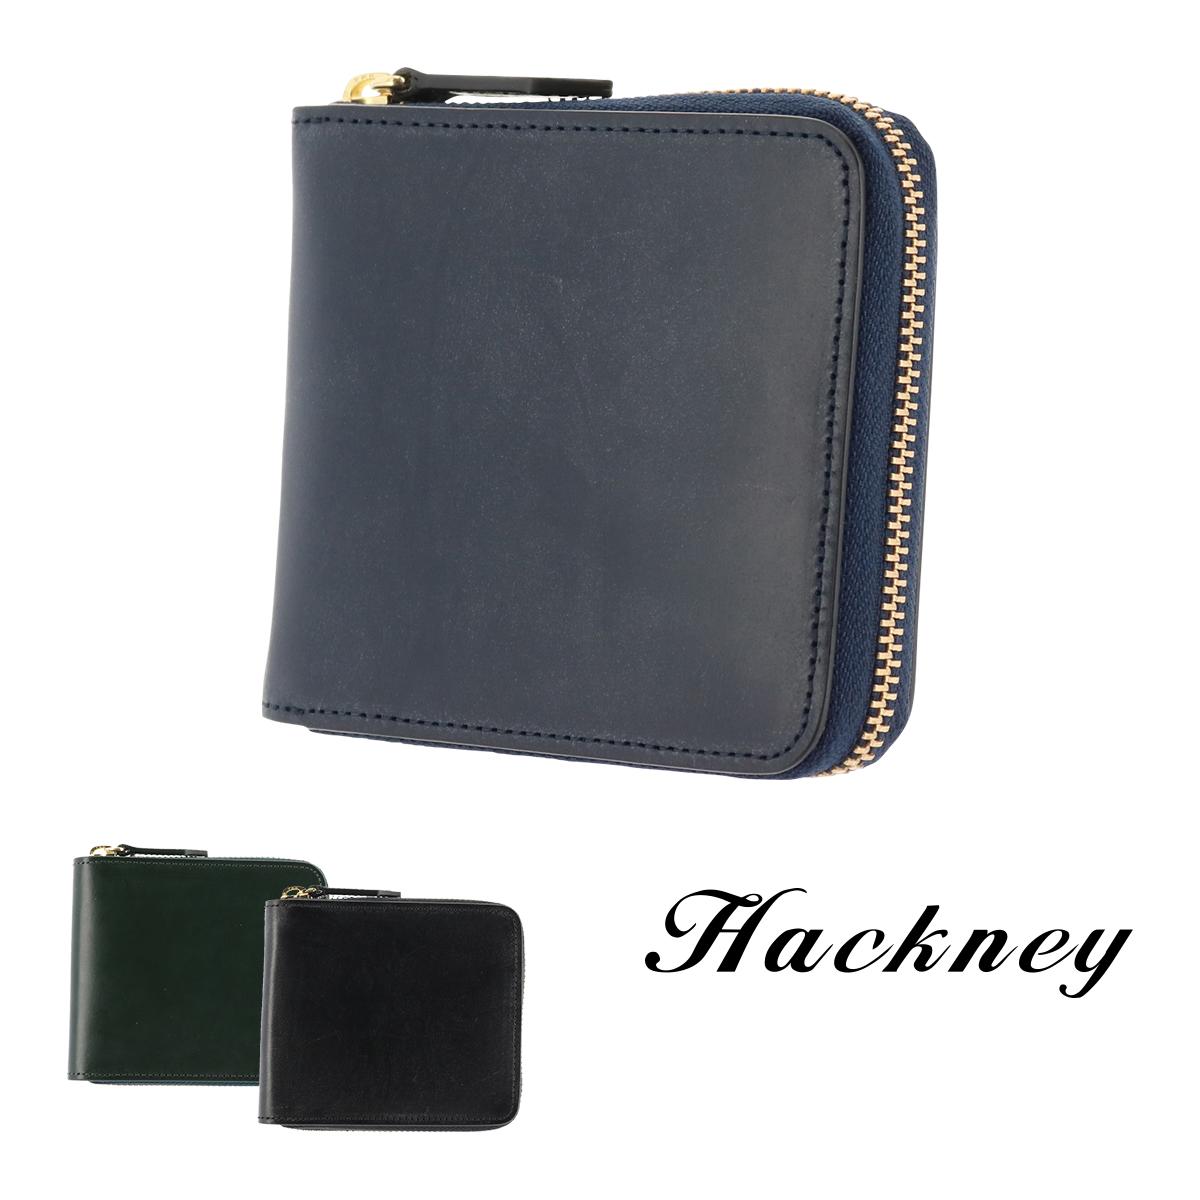 ハックニー Hackney 二つ折り財布 HK-800 | ラウンドファスナー 財布 ブライドルレザー イタリアンレザー メンズ[bef][PO10]